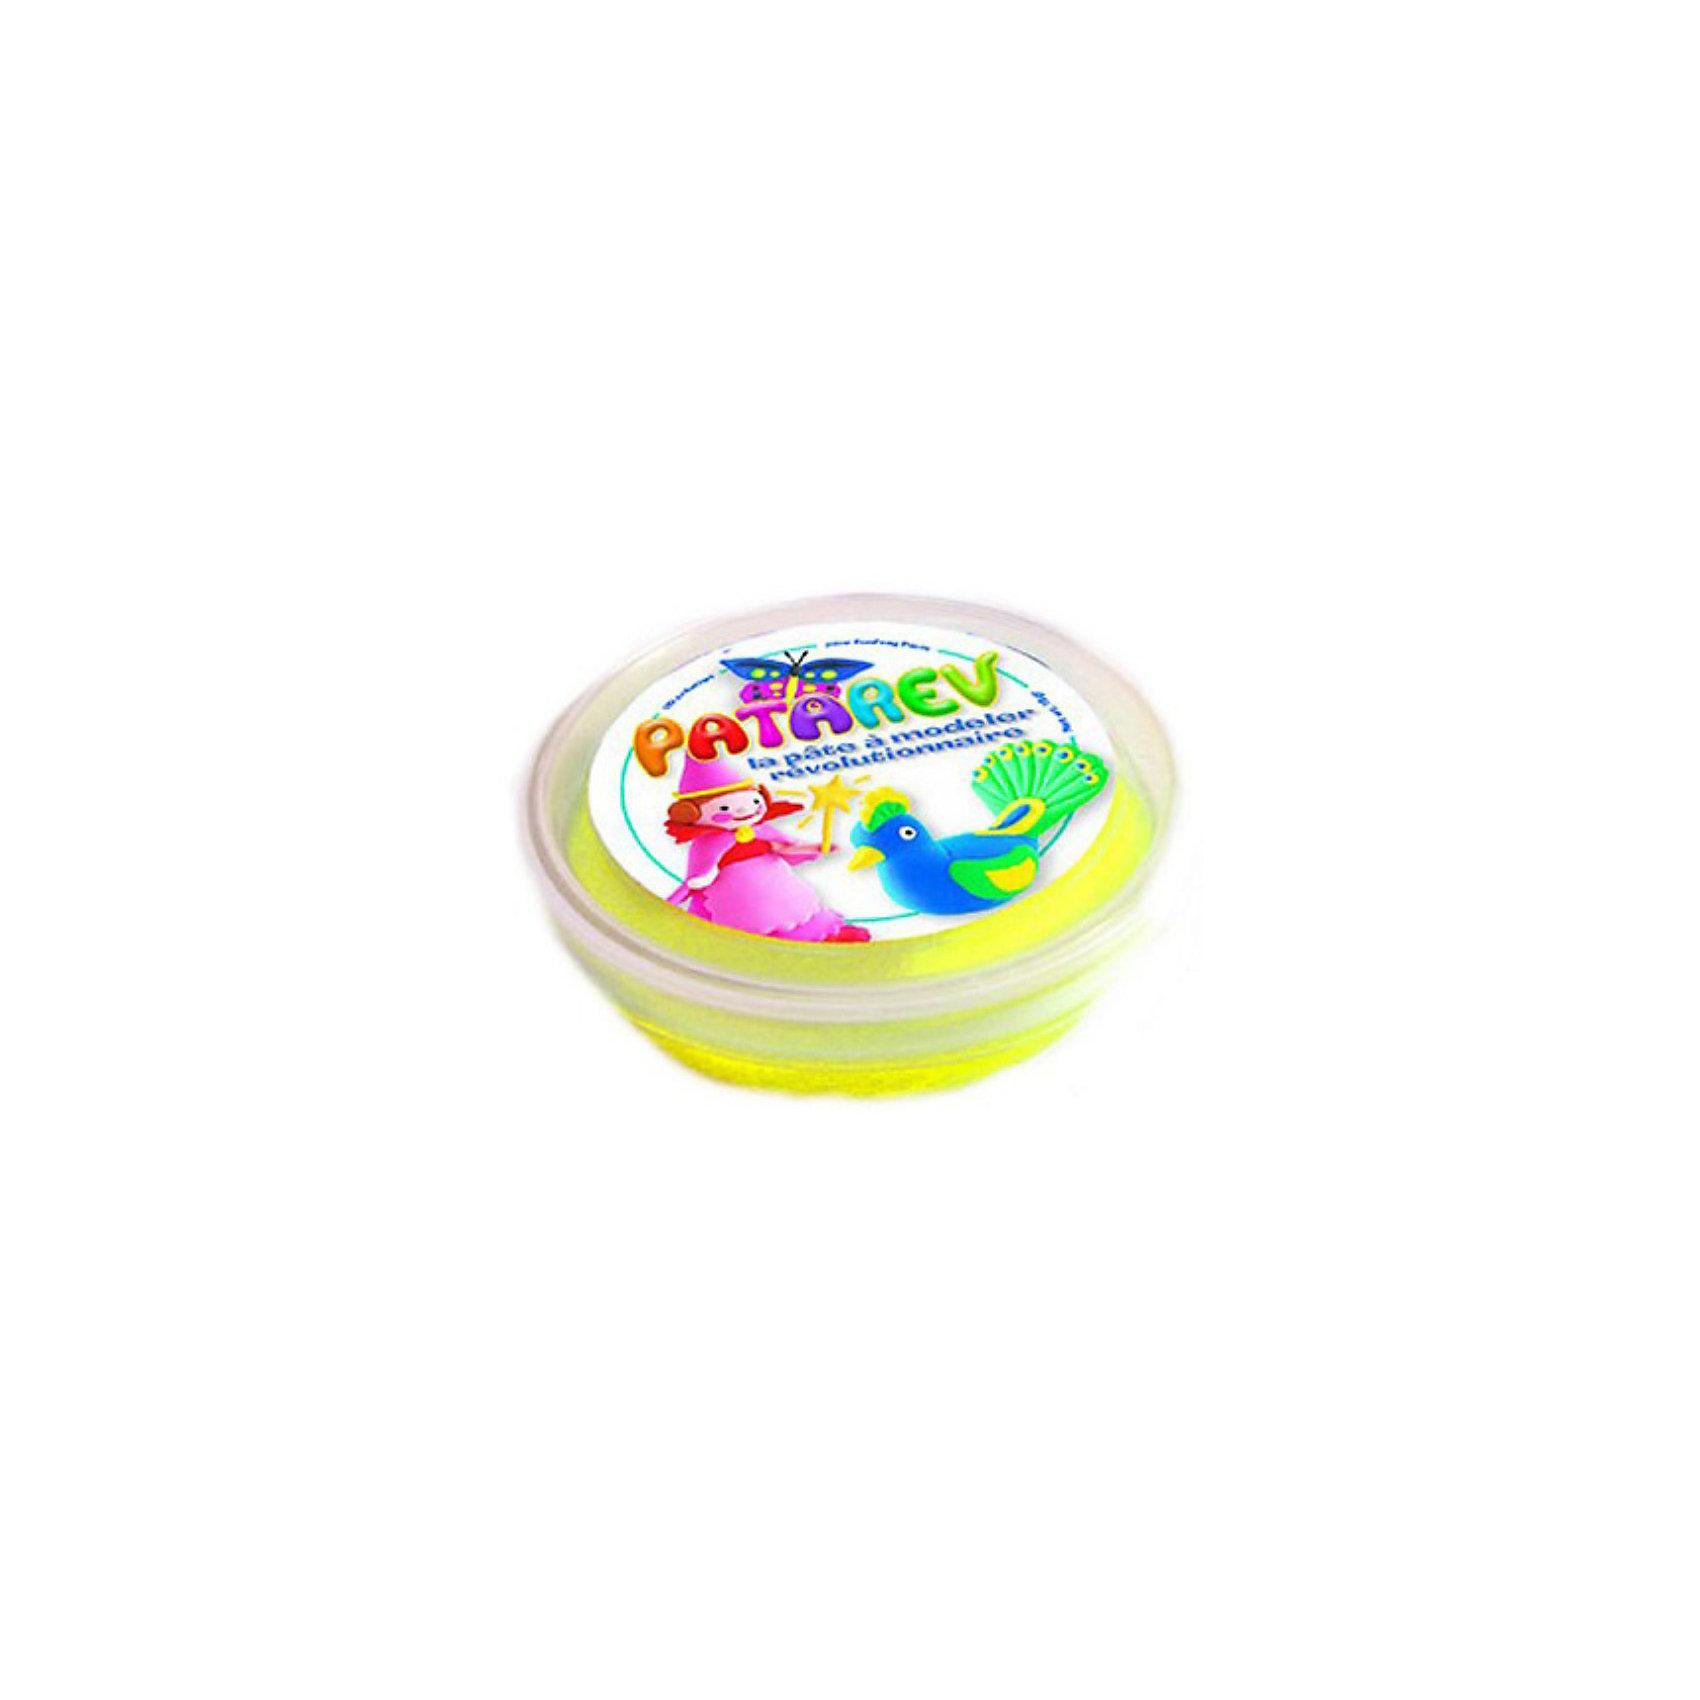 SentoSpherе 862 Пластилин PATAREV 30 грамм (жёлтый)